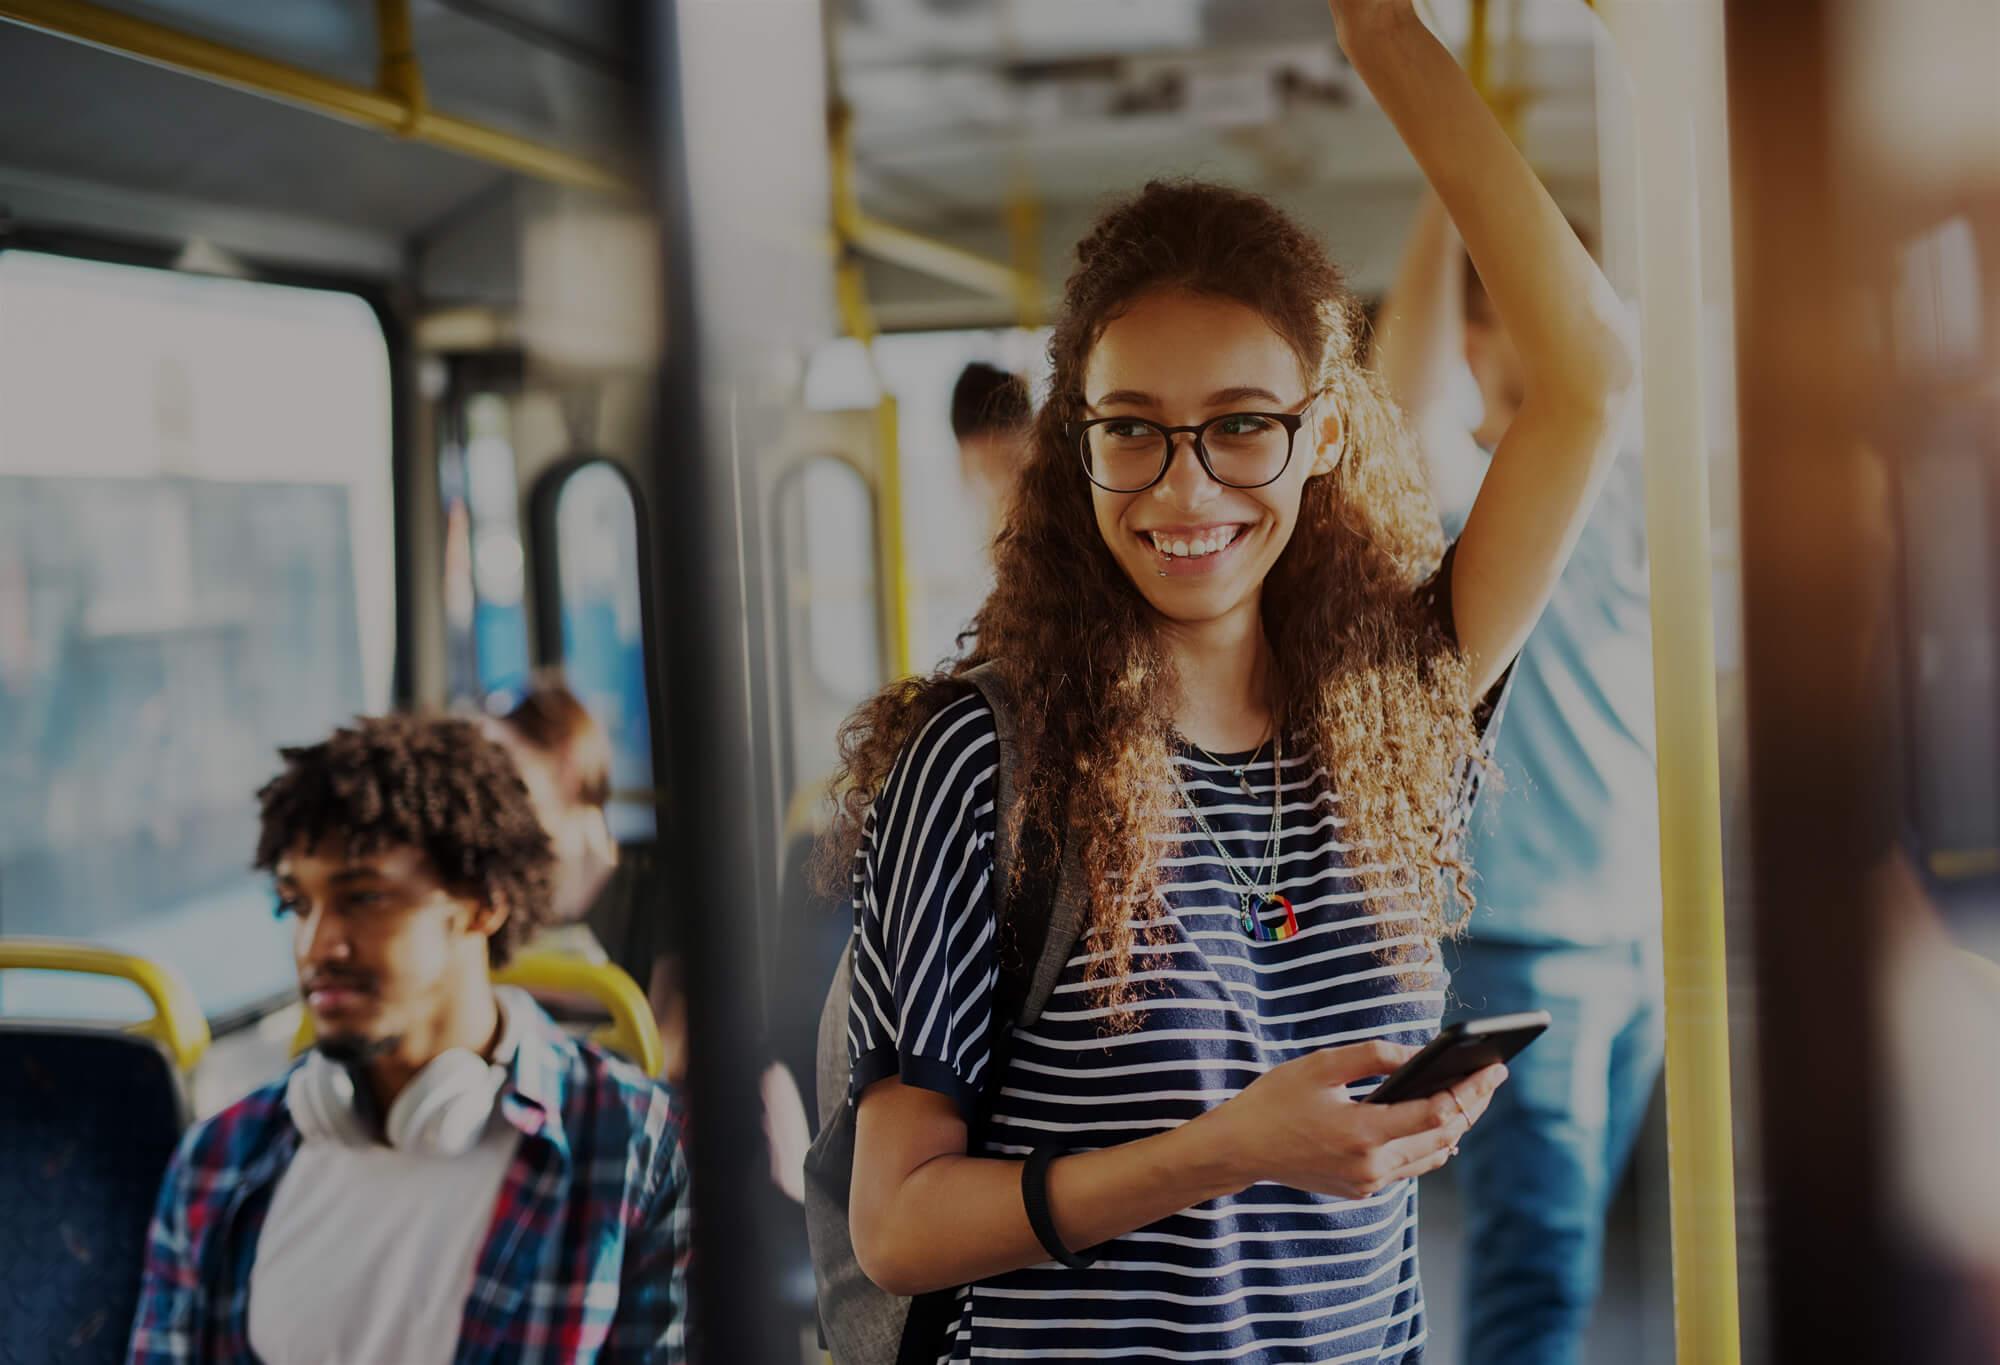 Pole emploi - offre emploi Chargé de clientèle domaine mutuelle (H/F) - Paris